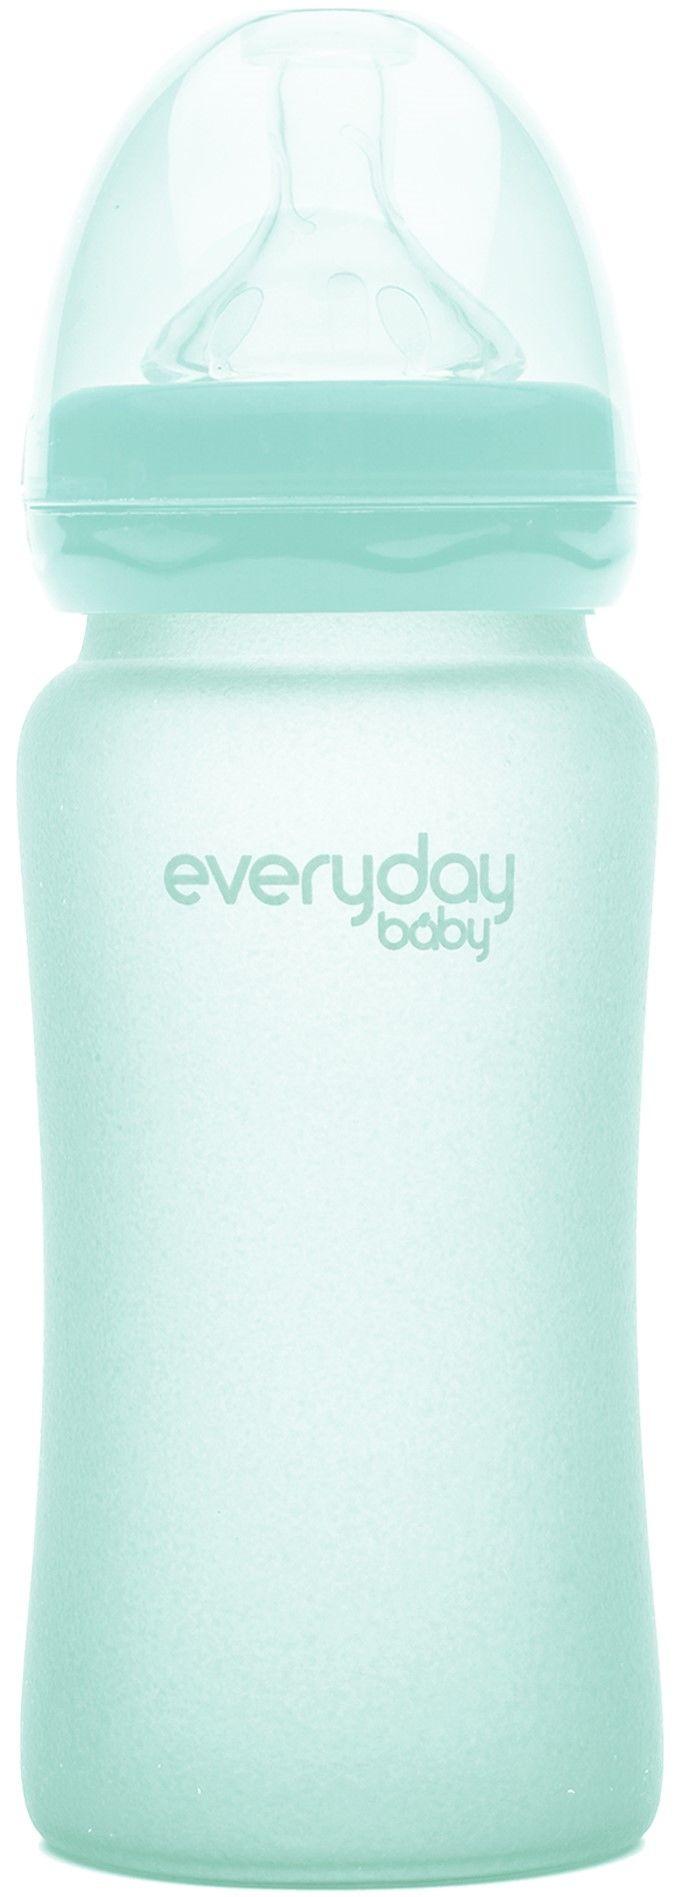 Everyday Baby Nappflaska 240 ml, Mint Green